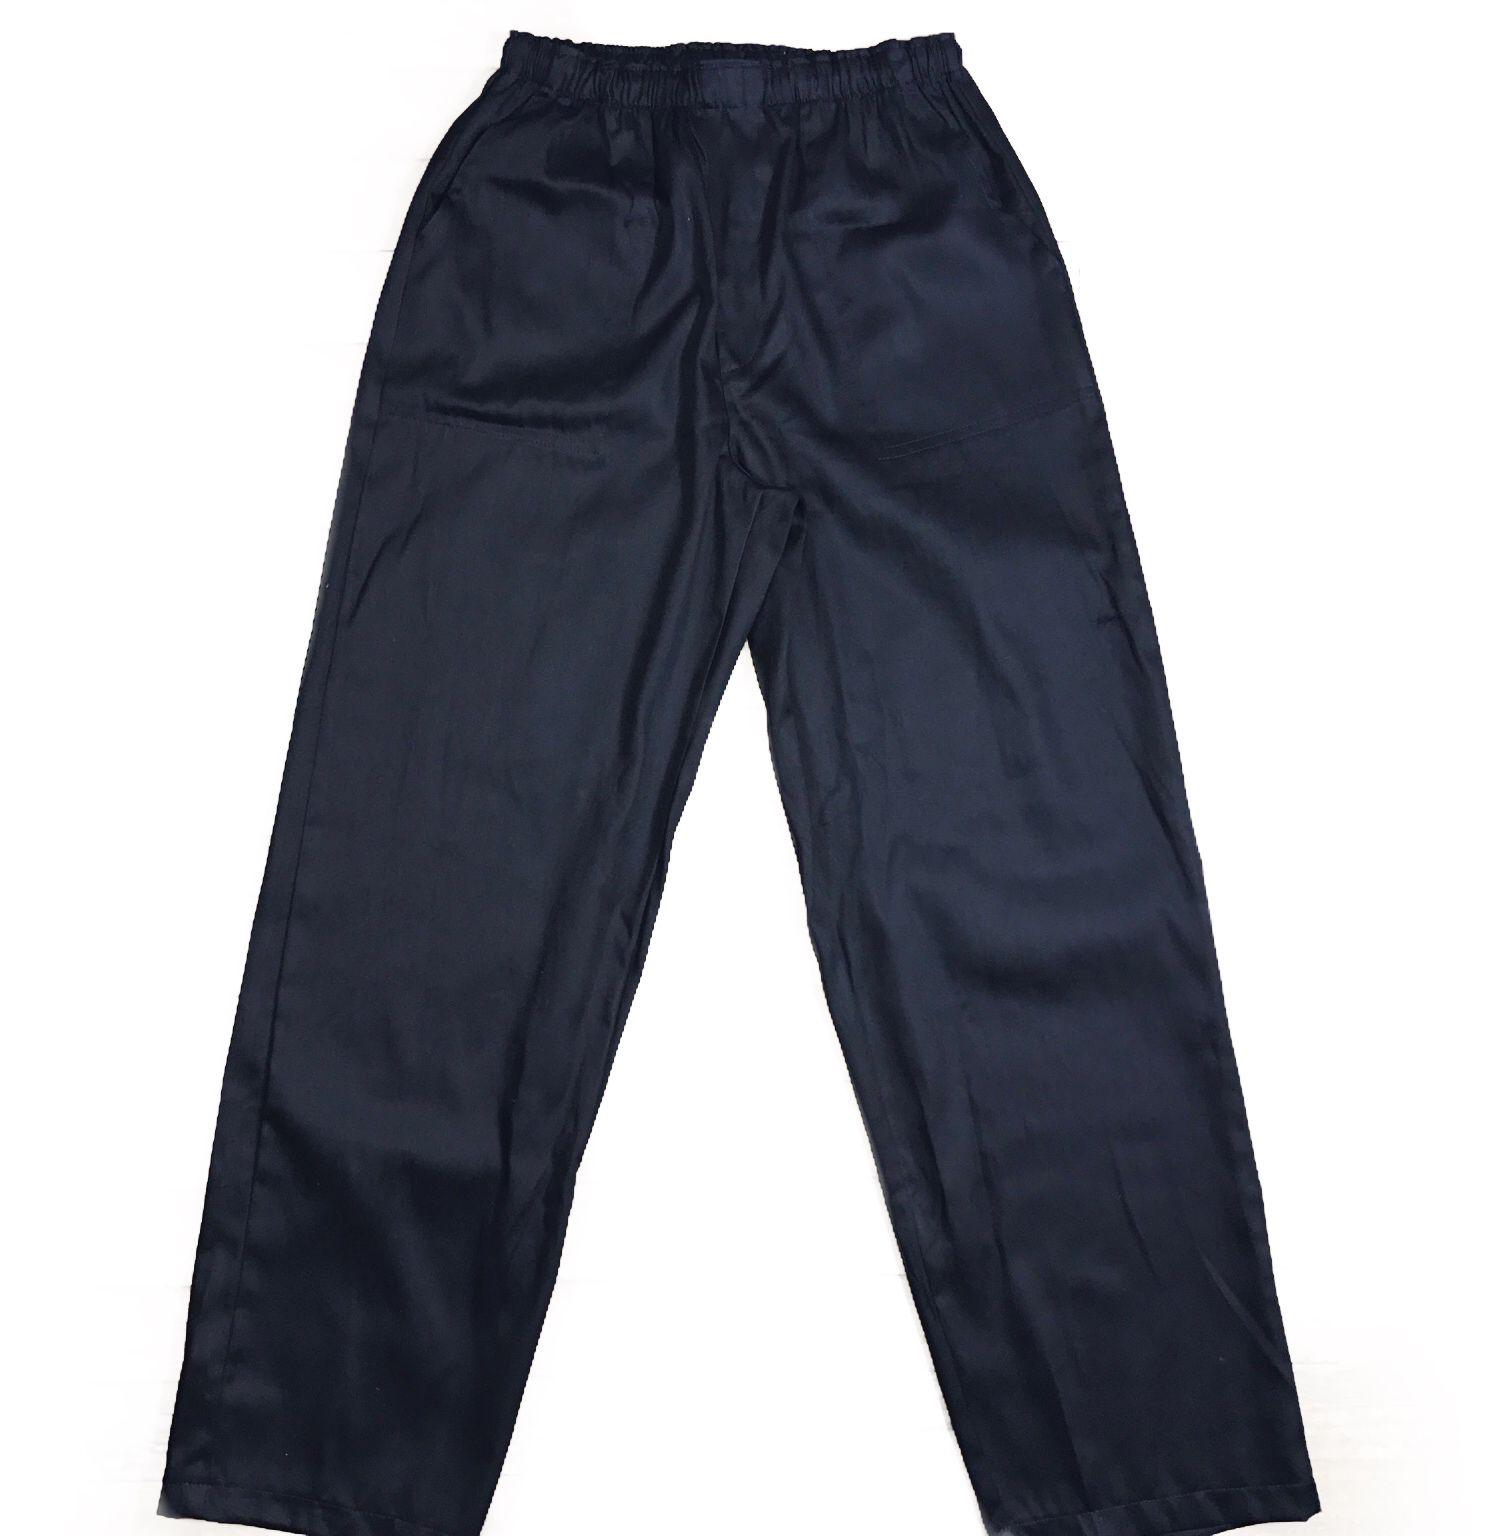 Calça Confort UNISEX PRETA com dois bolsos faca na frente e cordão Tecido Sarja 100% Algodão